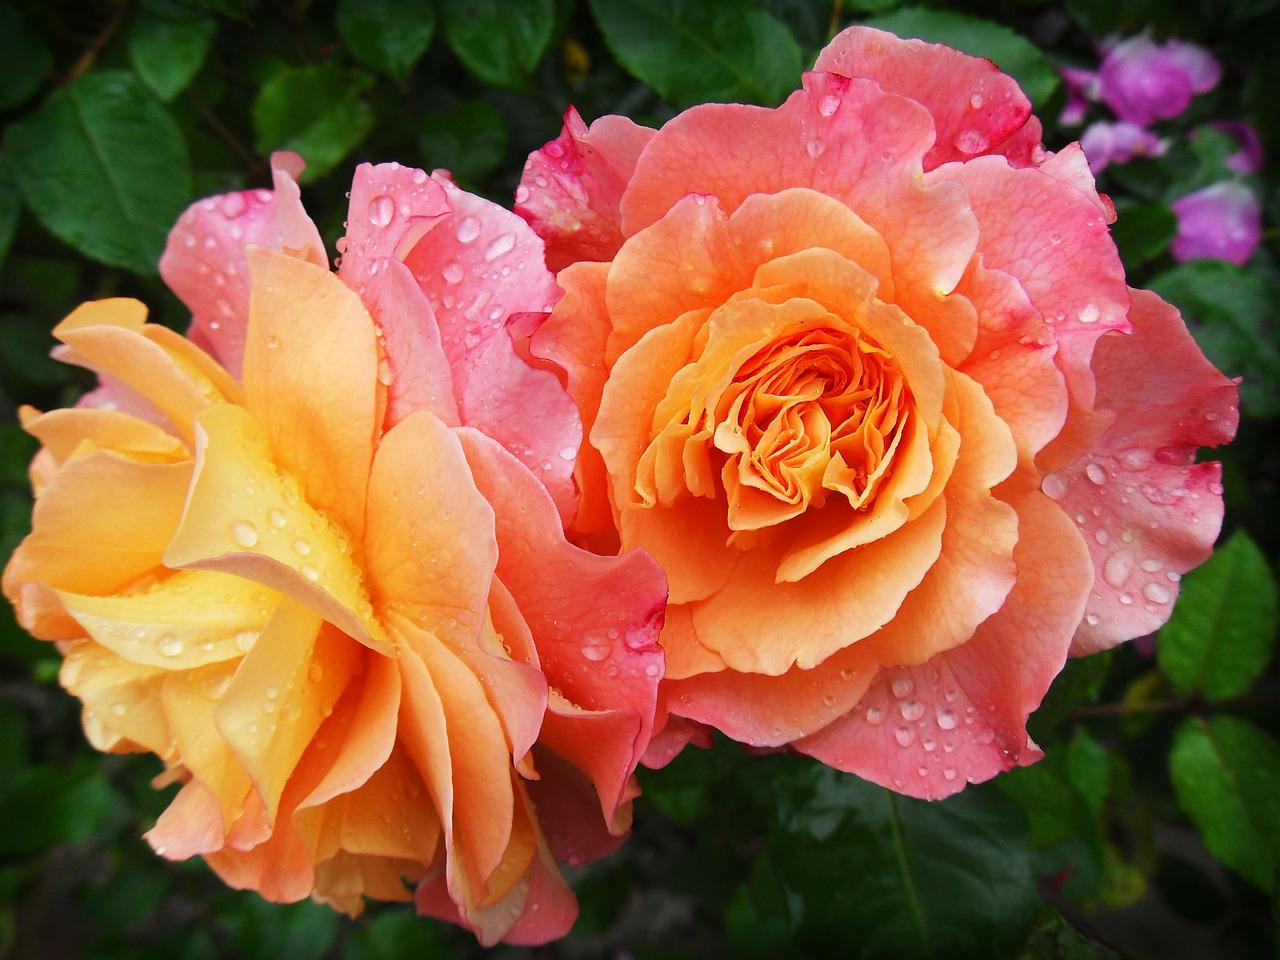 دانلود والپیپر گل رز قرمز , والپیپر گل hd